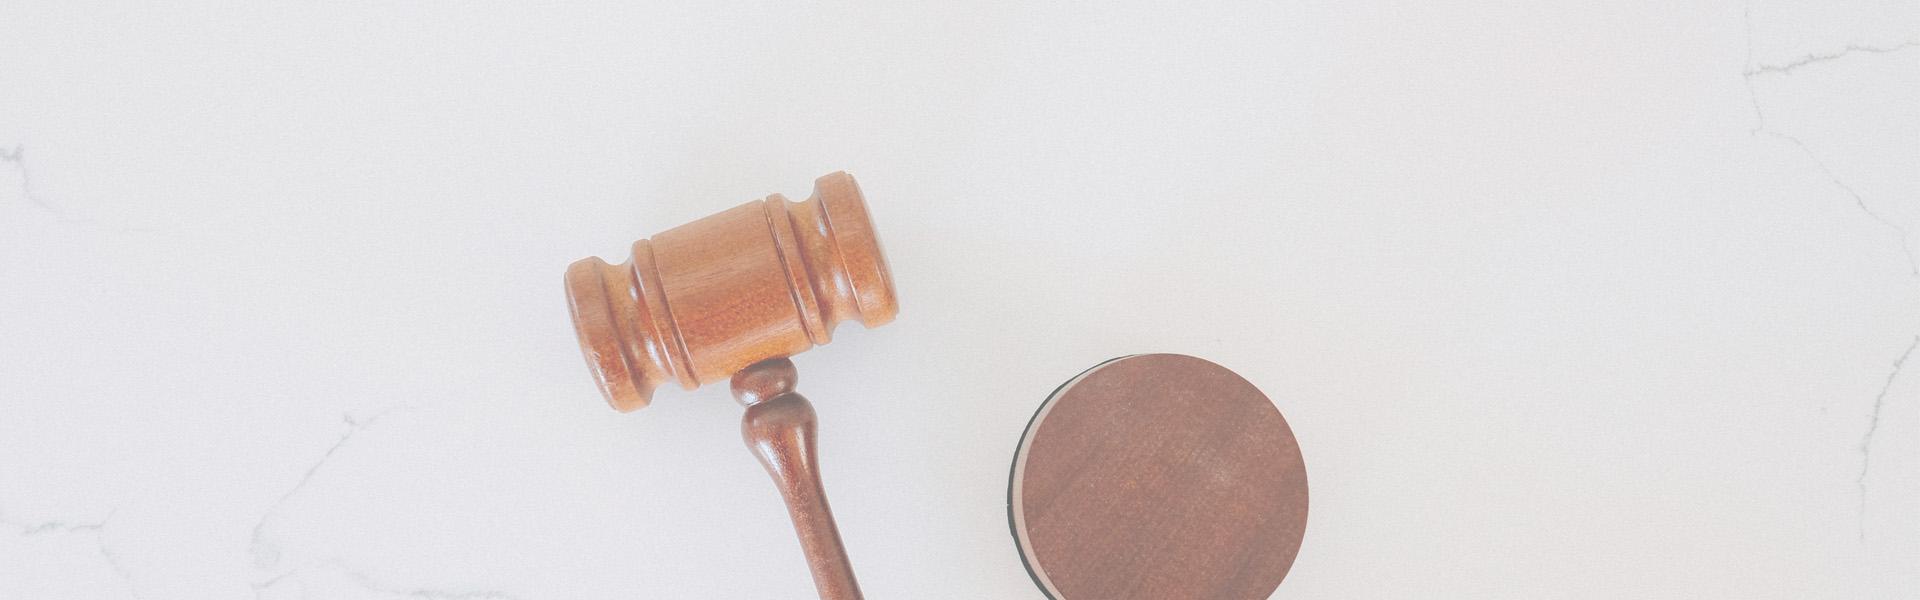 家庭纠纷律师免费在线咨询